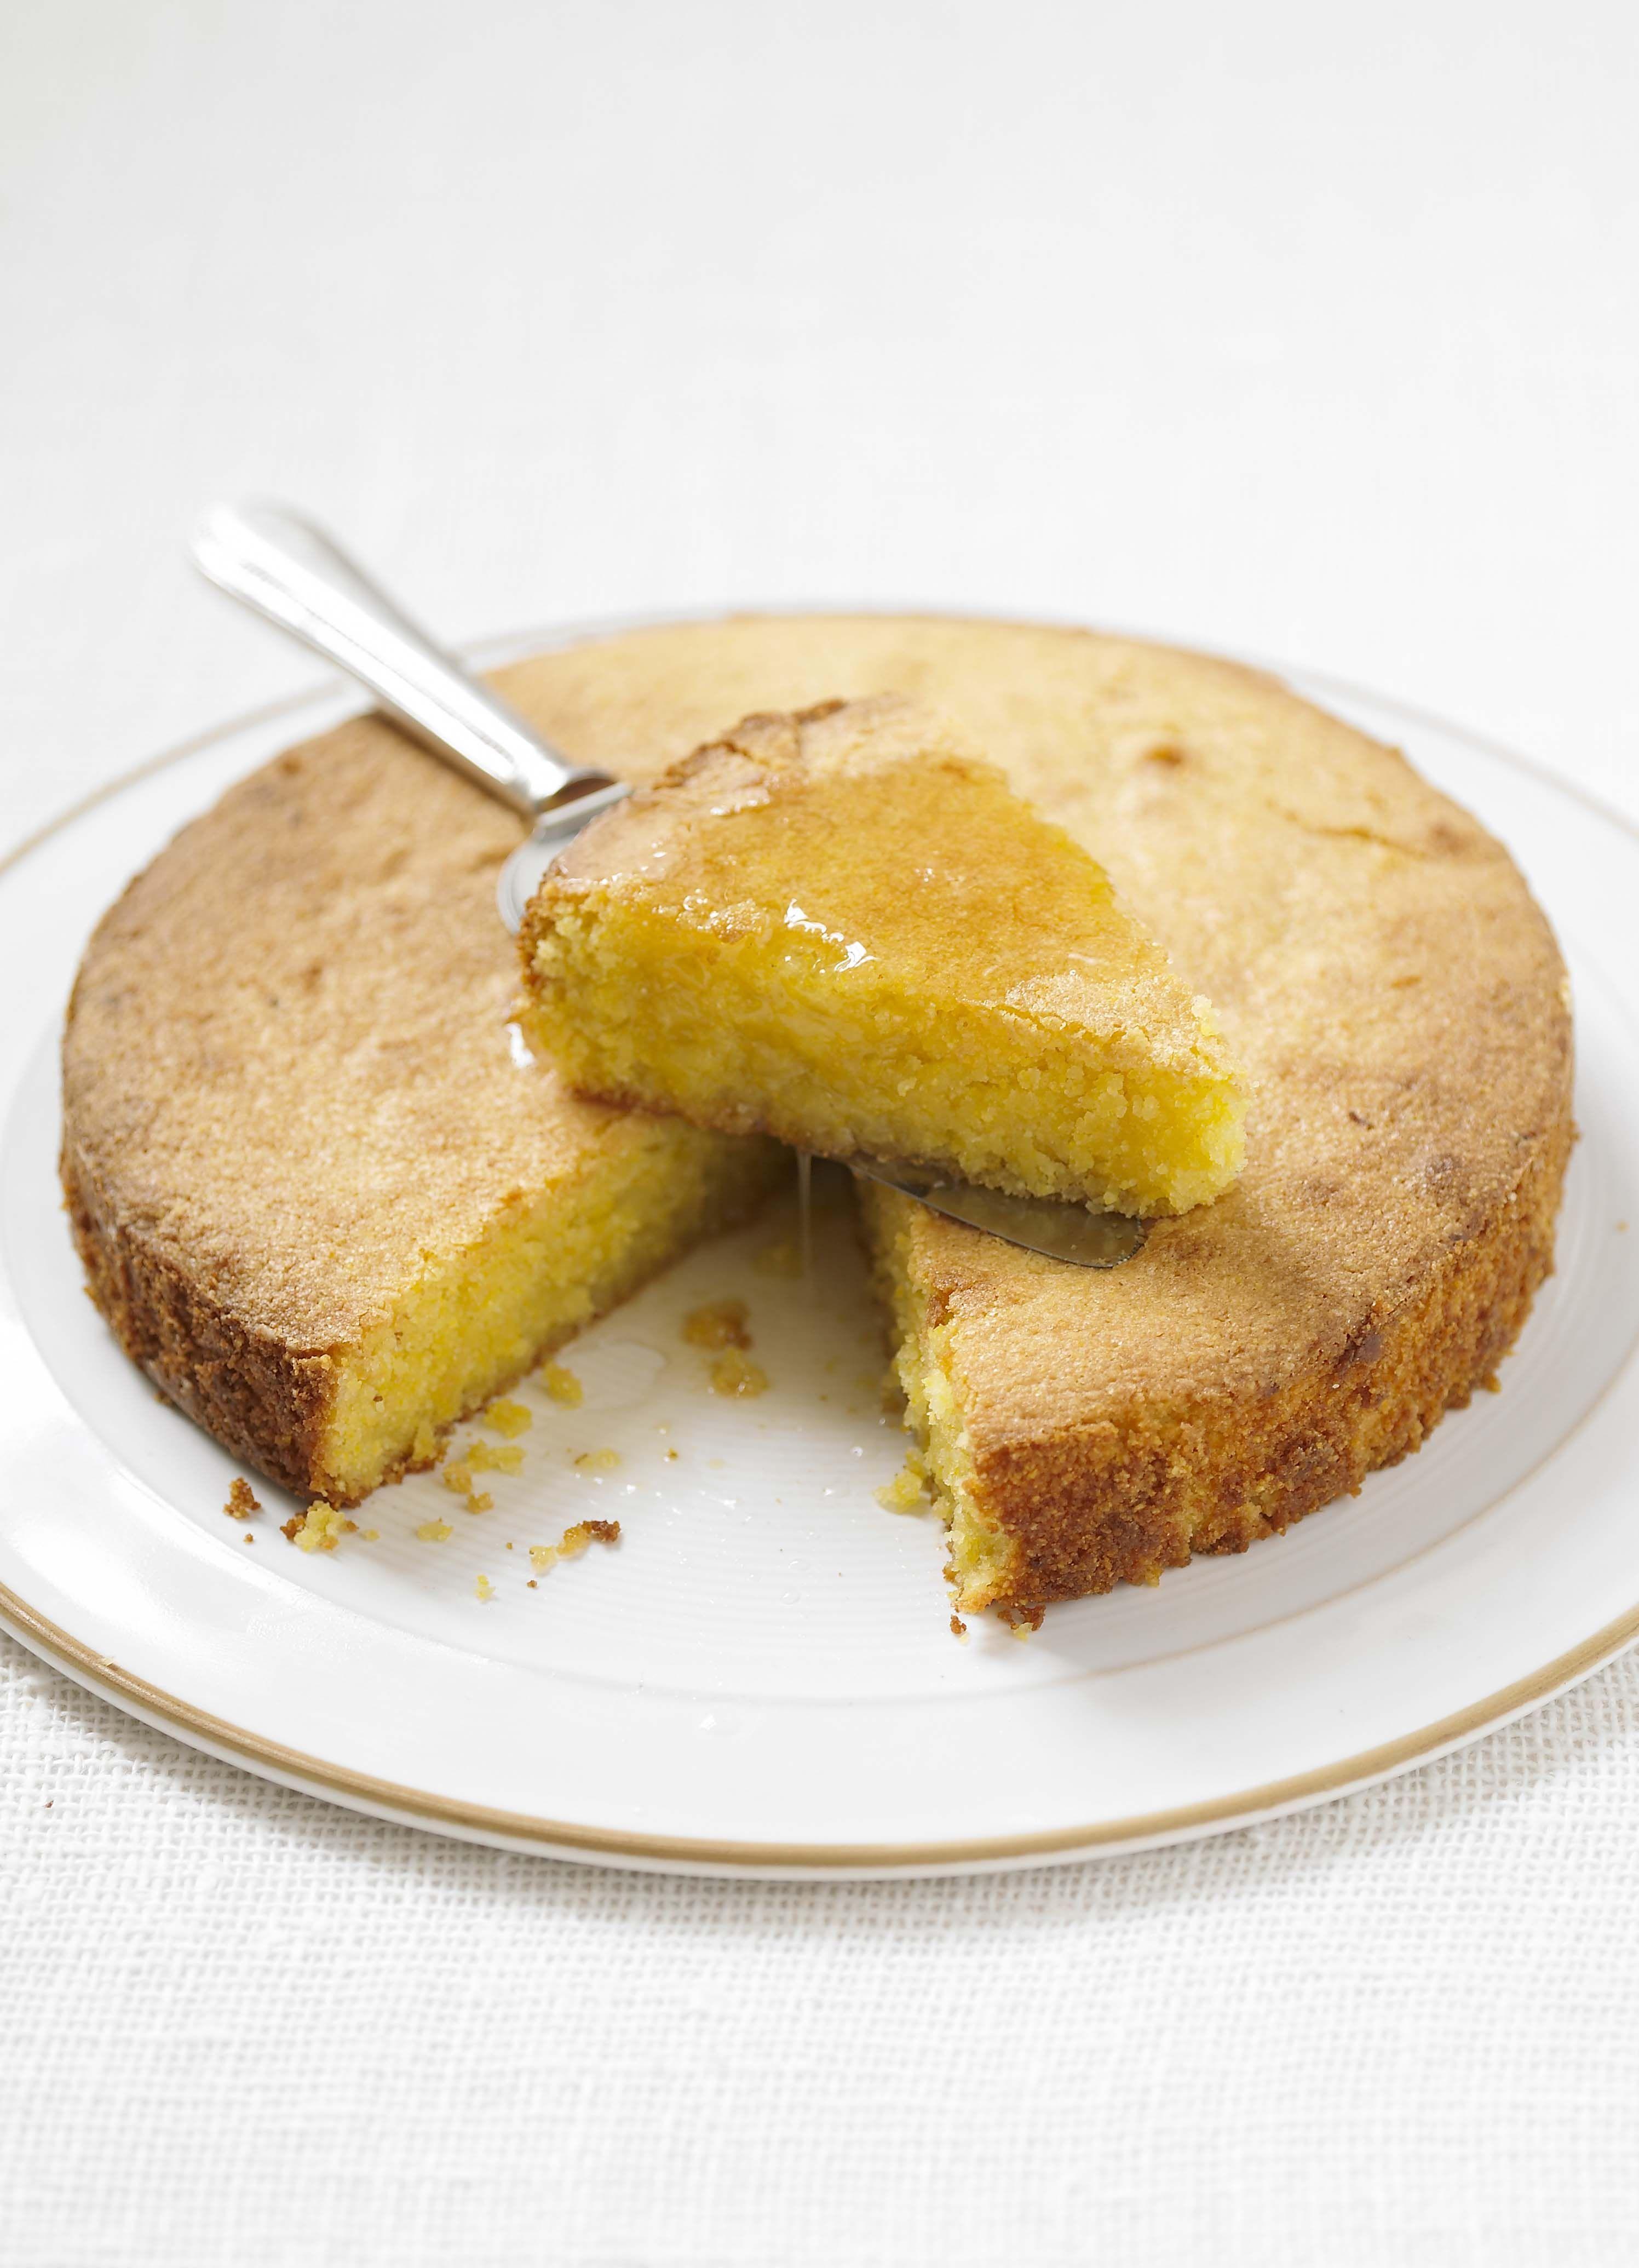 The Best Lemon Polenta Cake